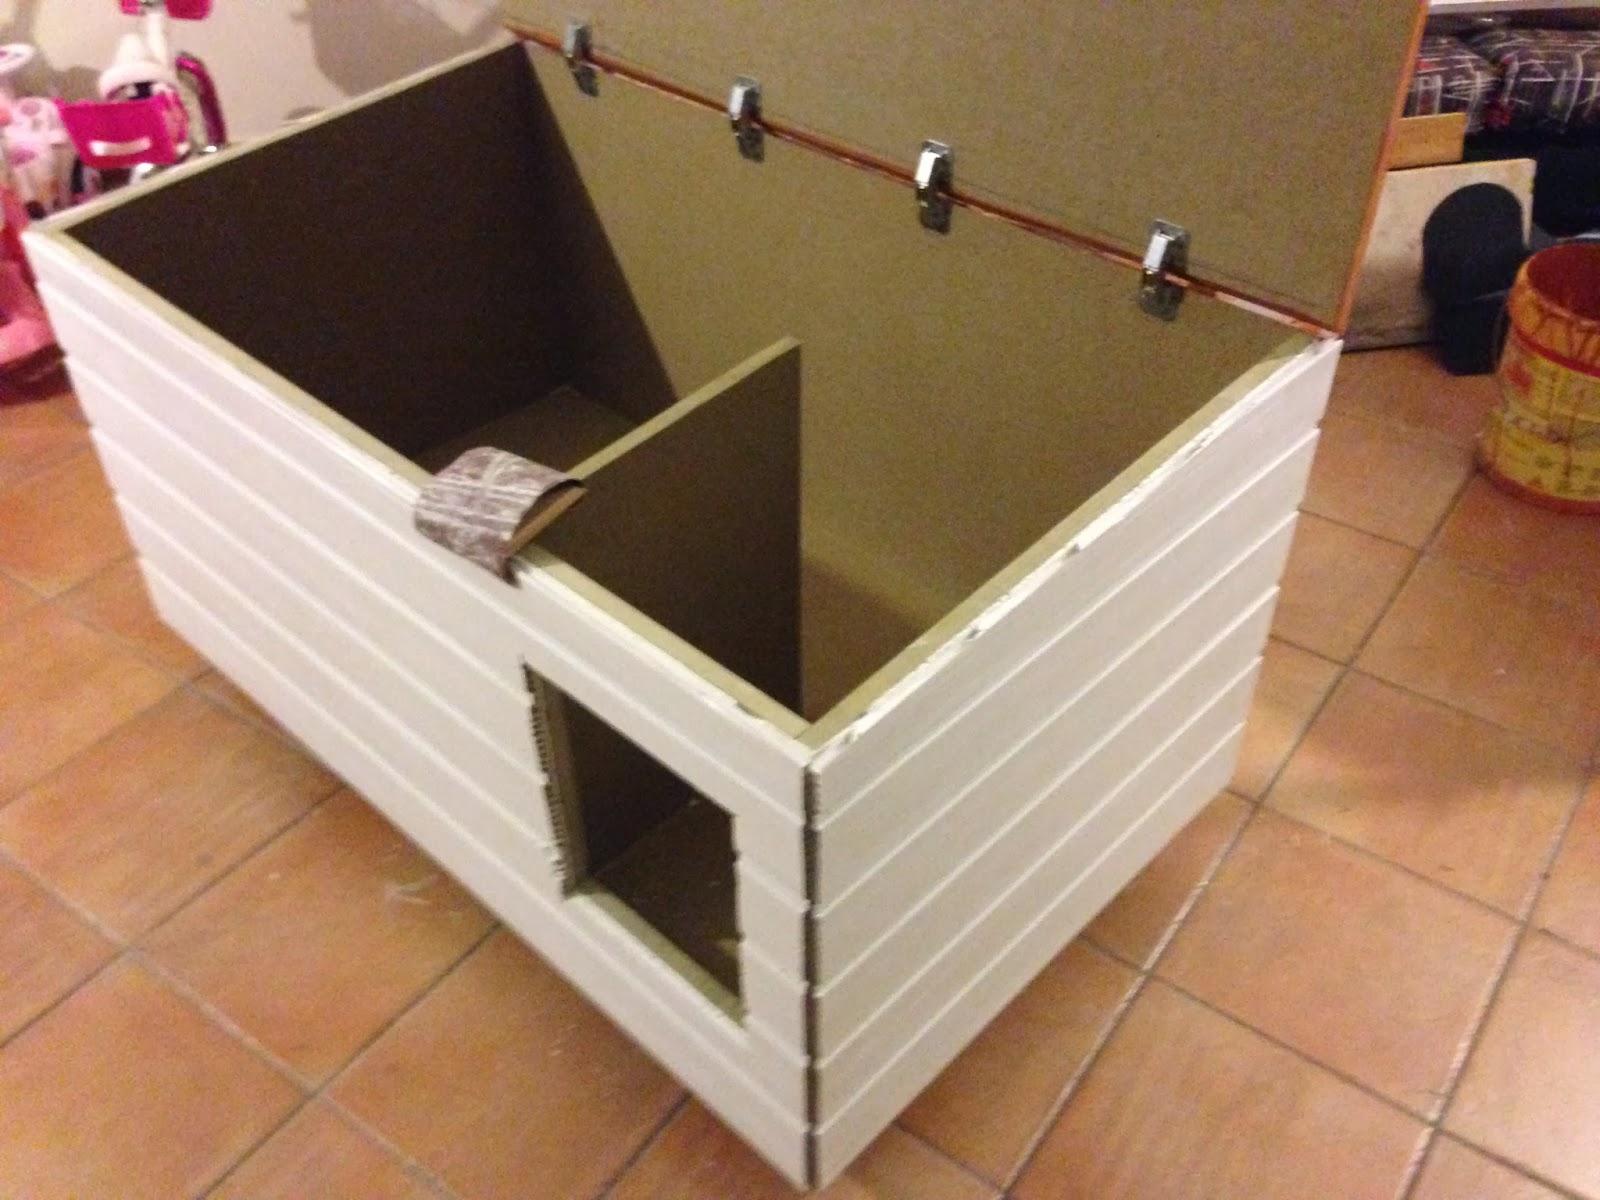 Contruir caseta aislada para nuestro perro diciembre 2013 - Construir caseta de madera ...